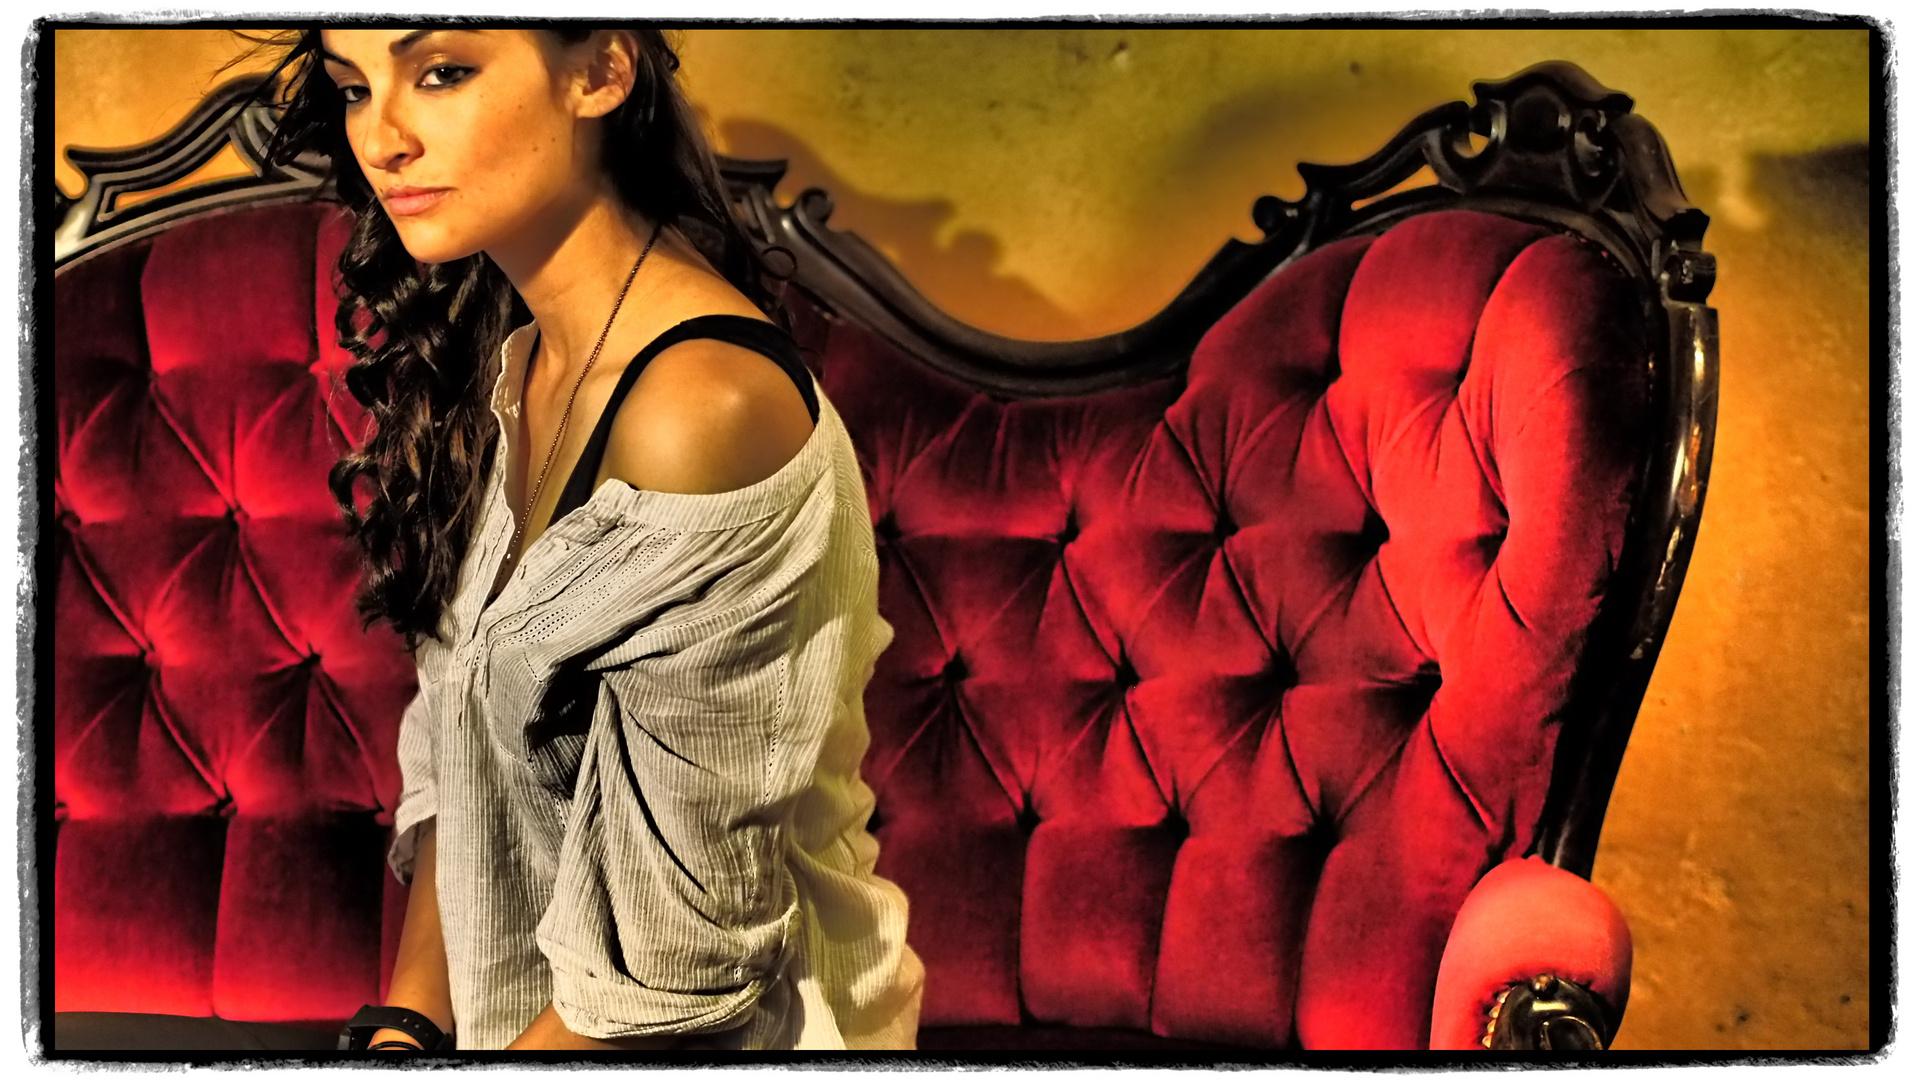 Und nochmal: Sarah auf dem roten Sofa